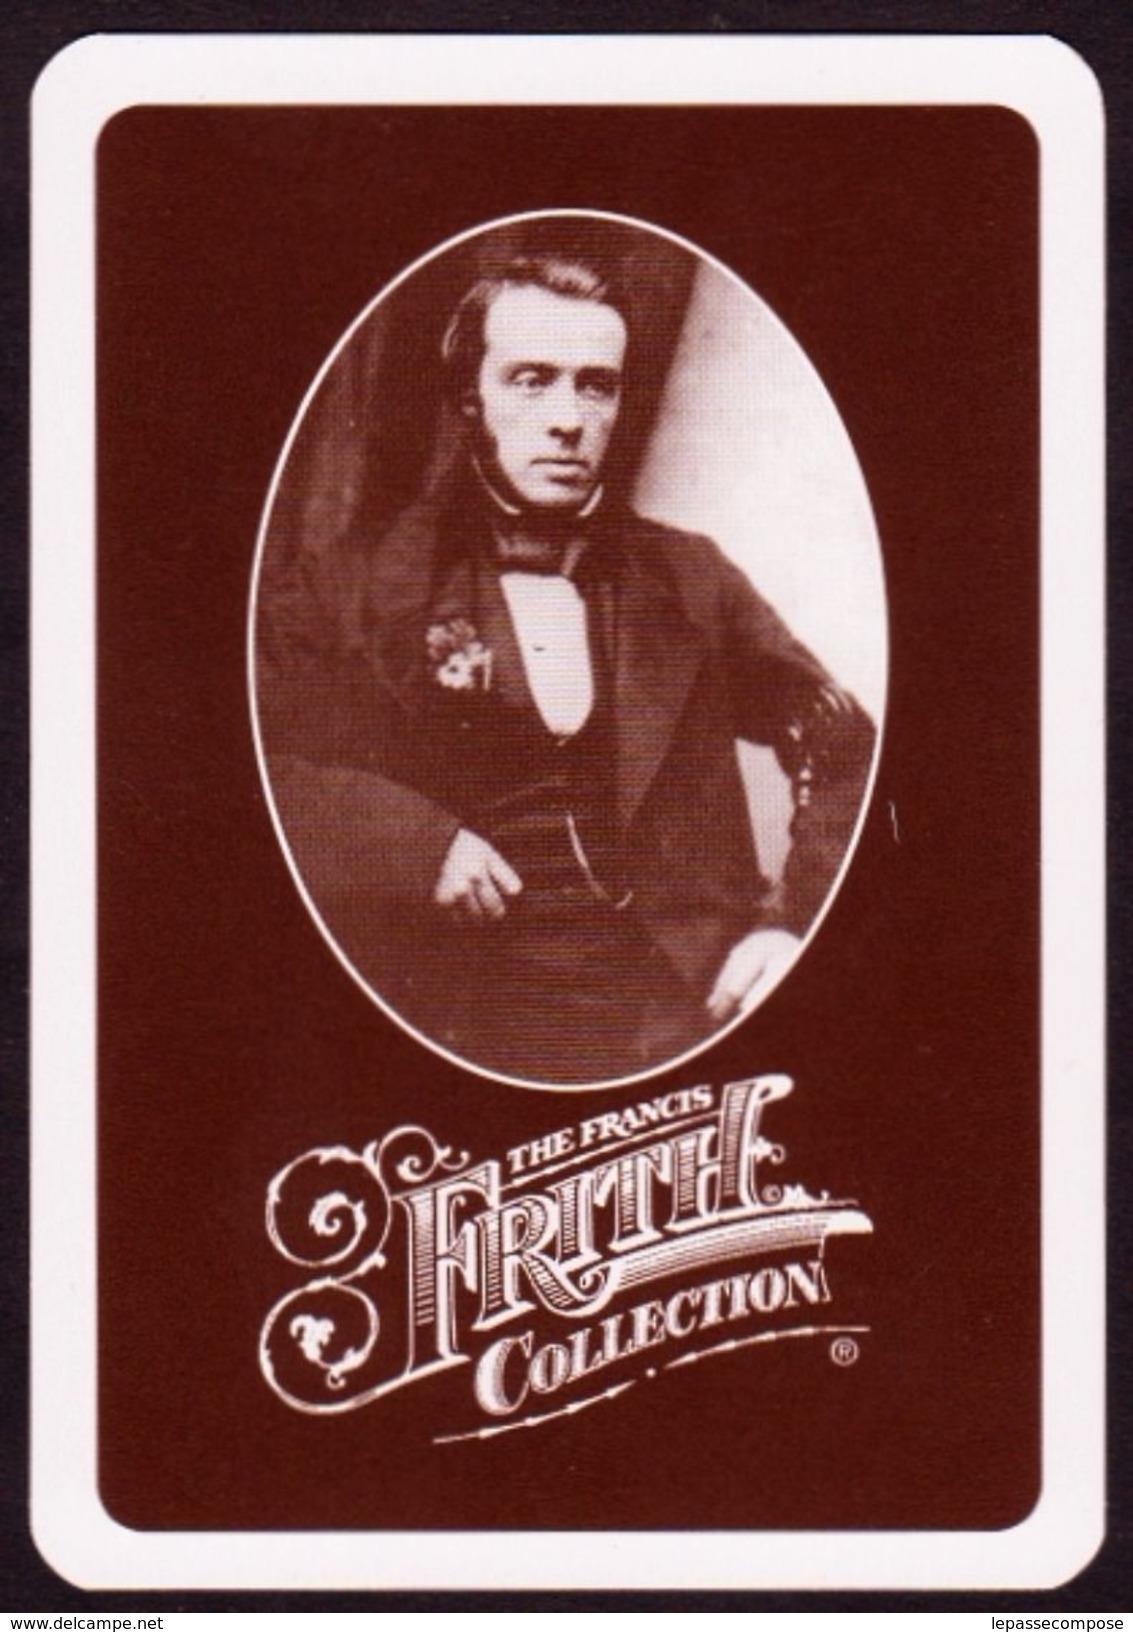 CARTE A JOUER - LE MONTREUR D' OURS EN 1895 - 2 DE PIQUE ISSU D'UN JEU DE CARTE CONTEMPORAIN - Cartes à Jouer